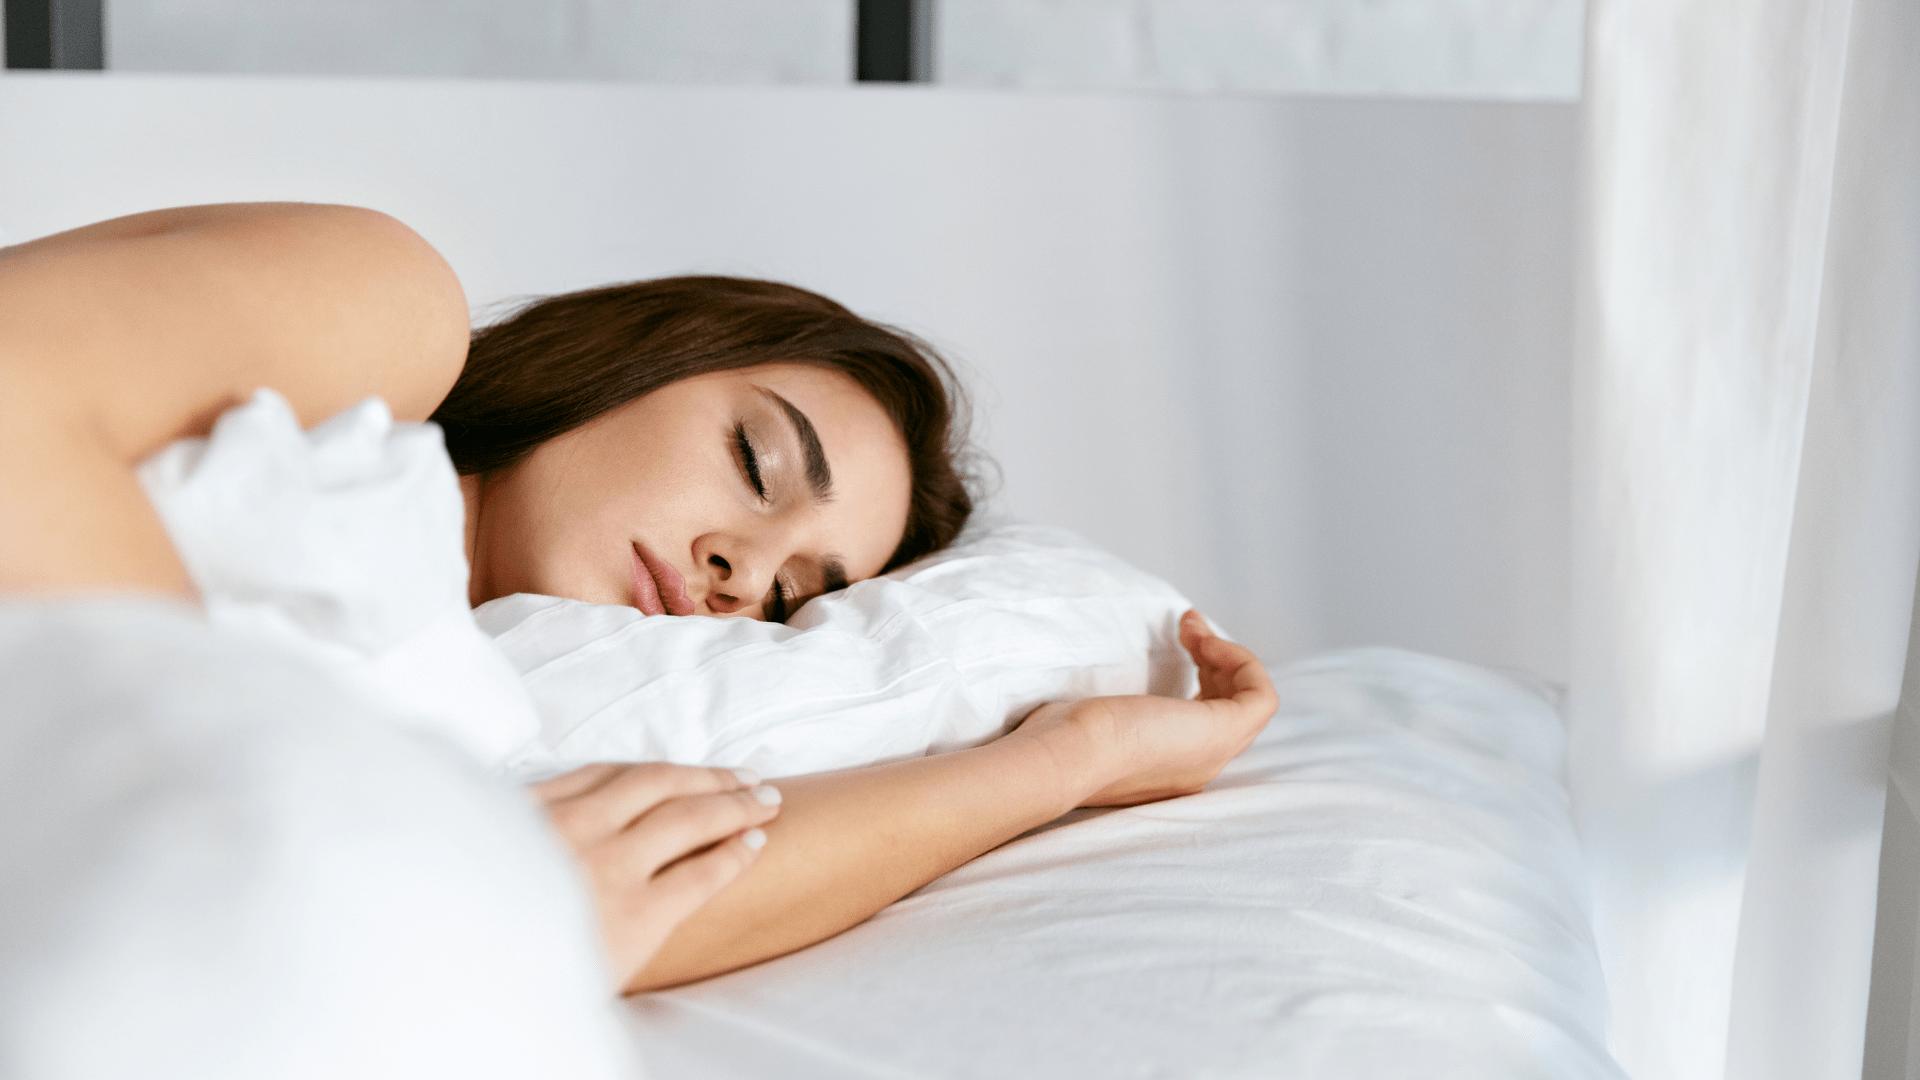 Los 5 mejores consejos que debes poner en práctica antes de irte dormir